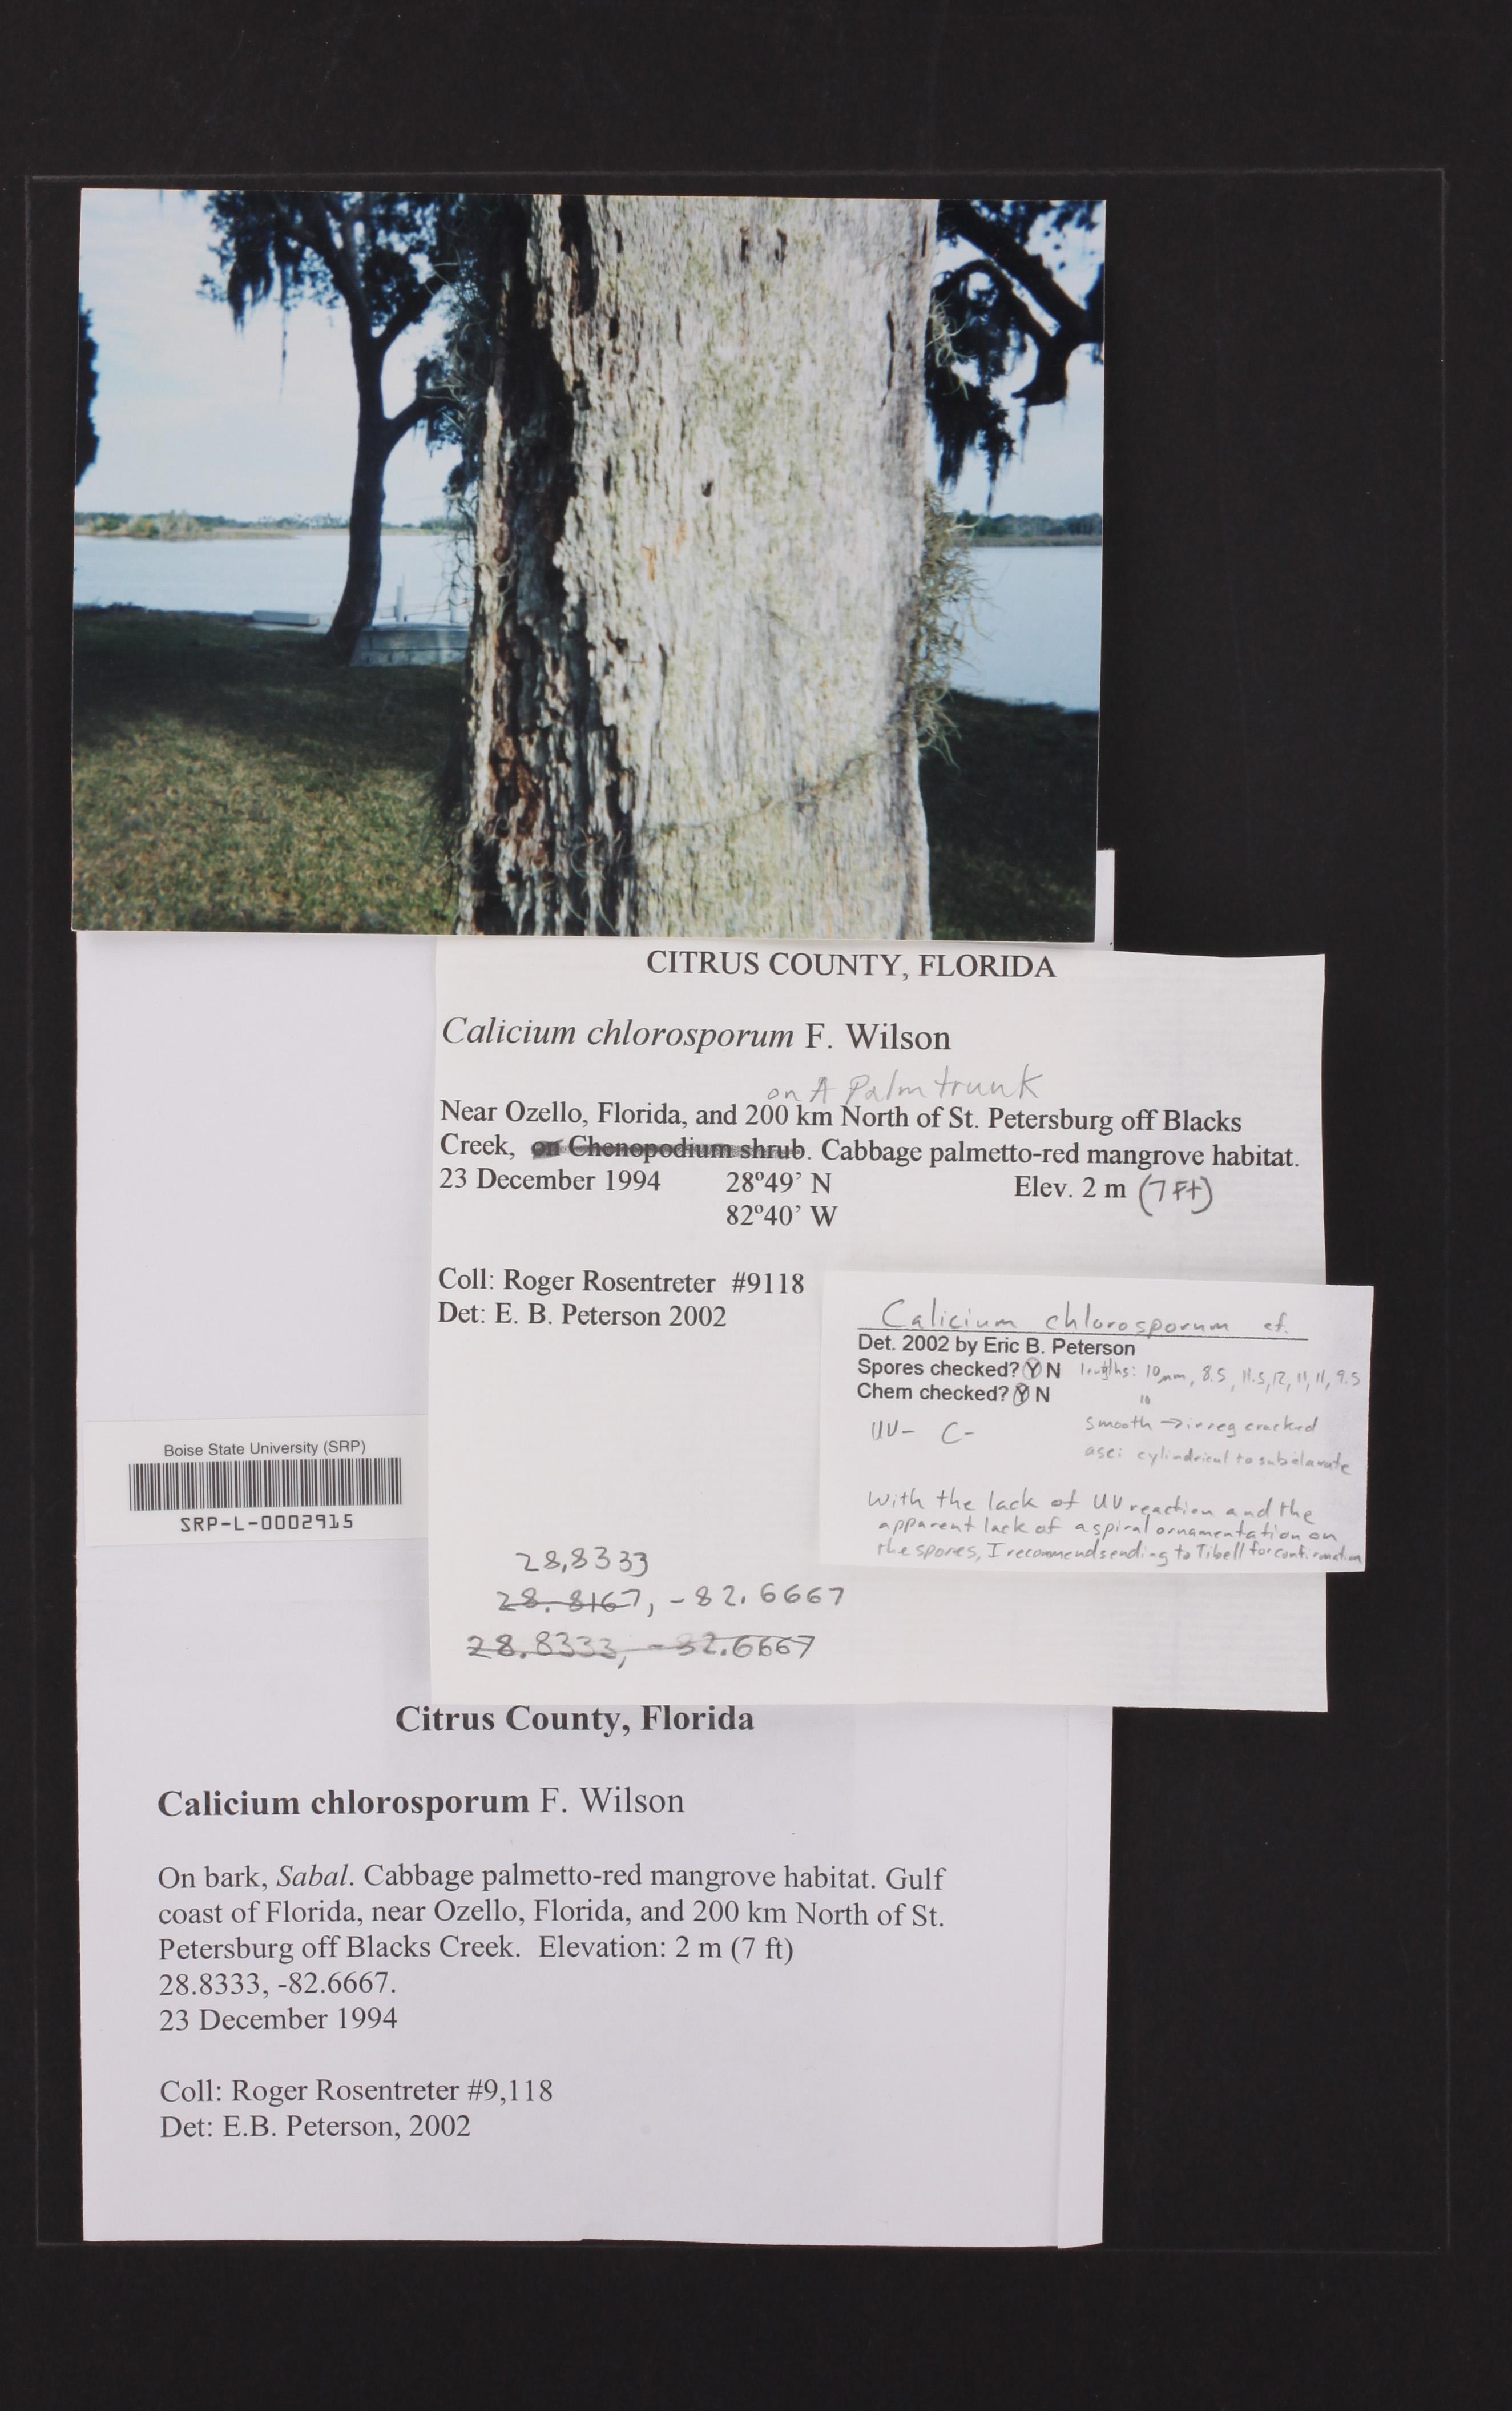 Calicium chlorosporum image